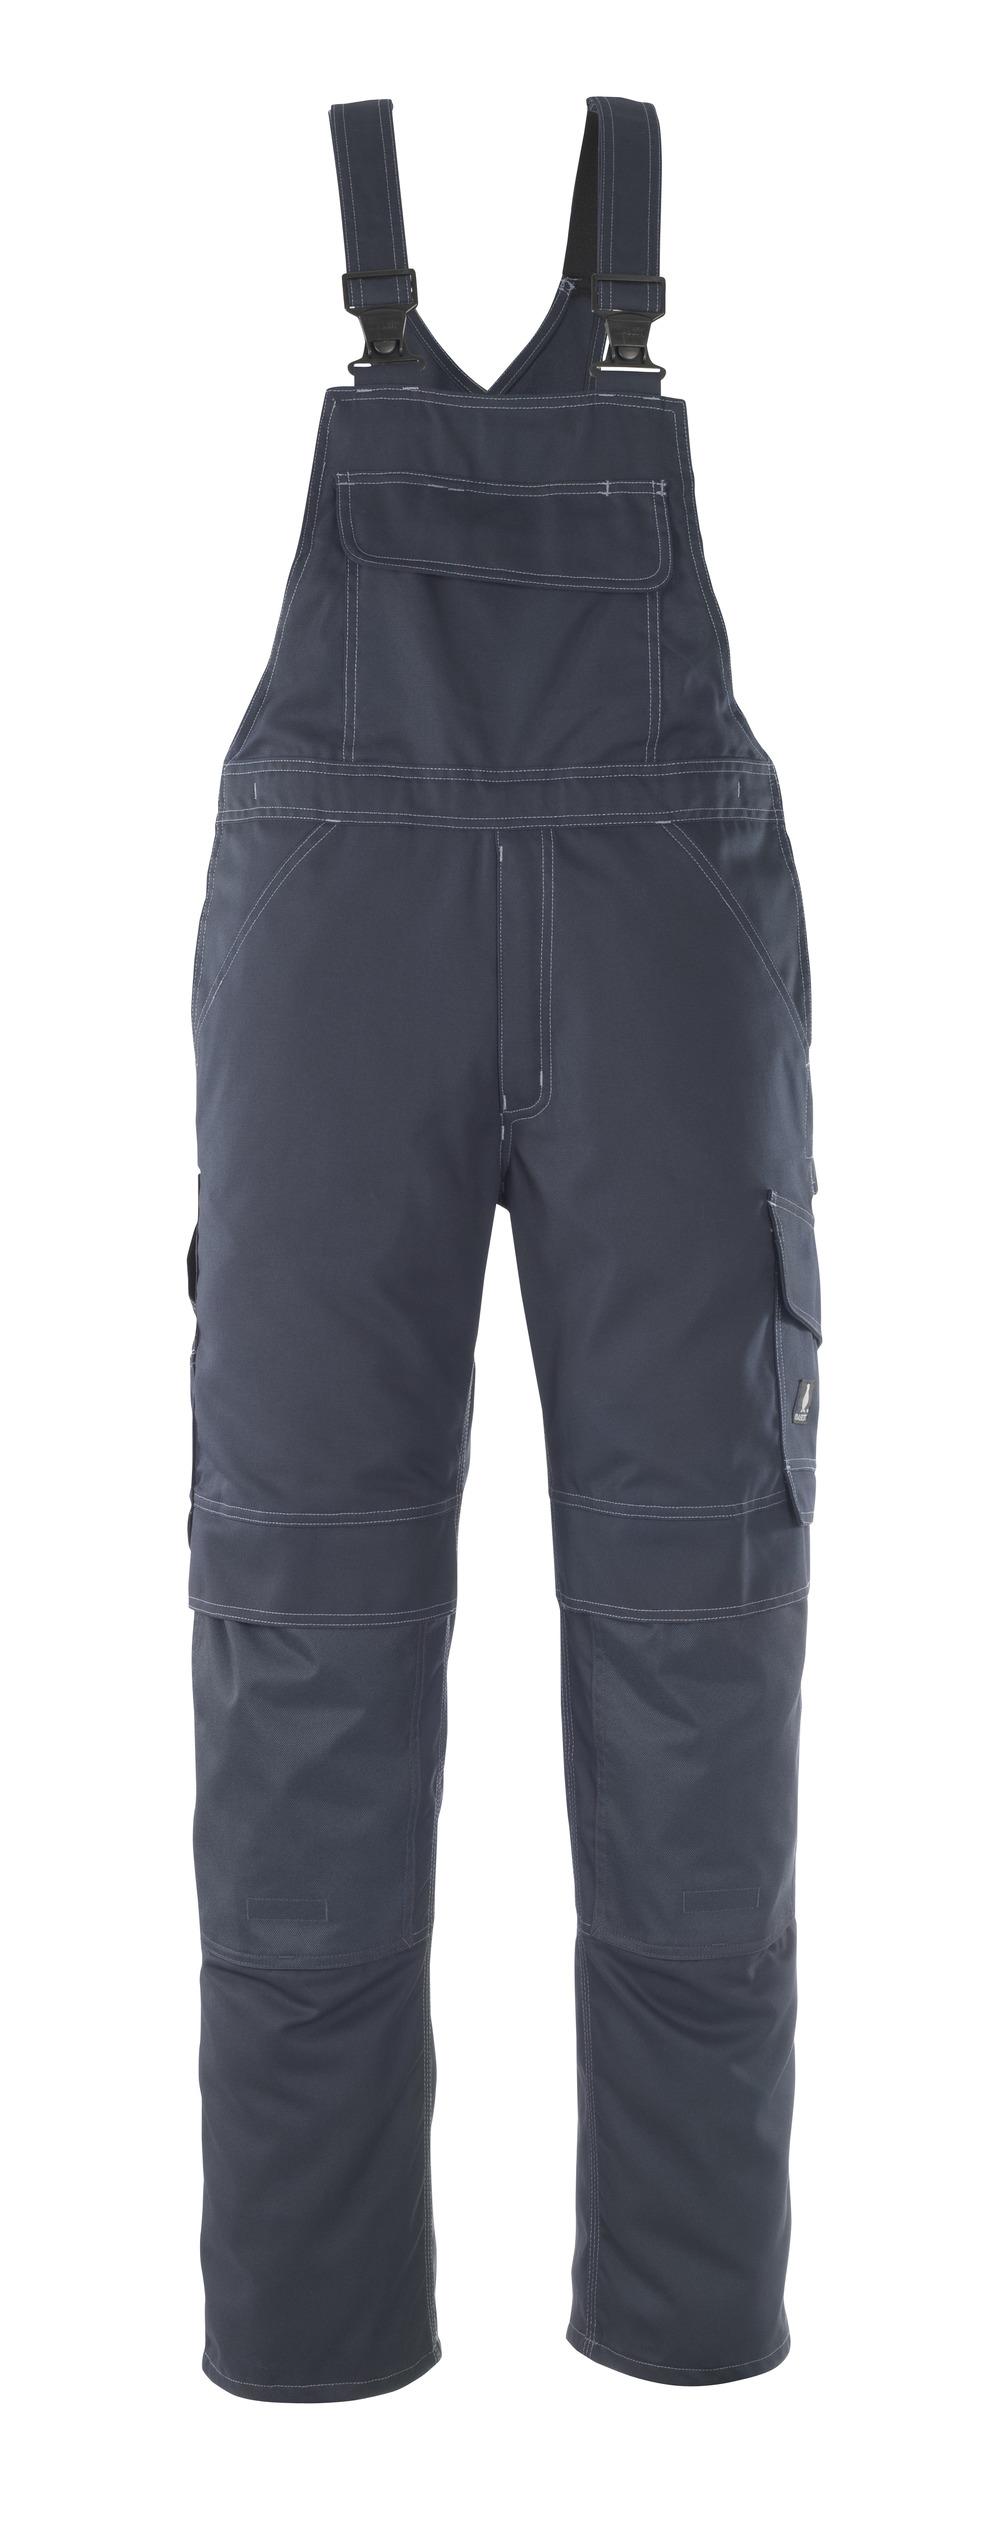 10169-154-010 Arbeitslatzhose - Schwarzblau